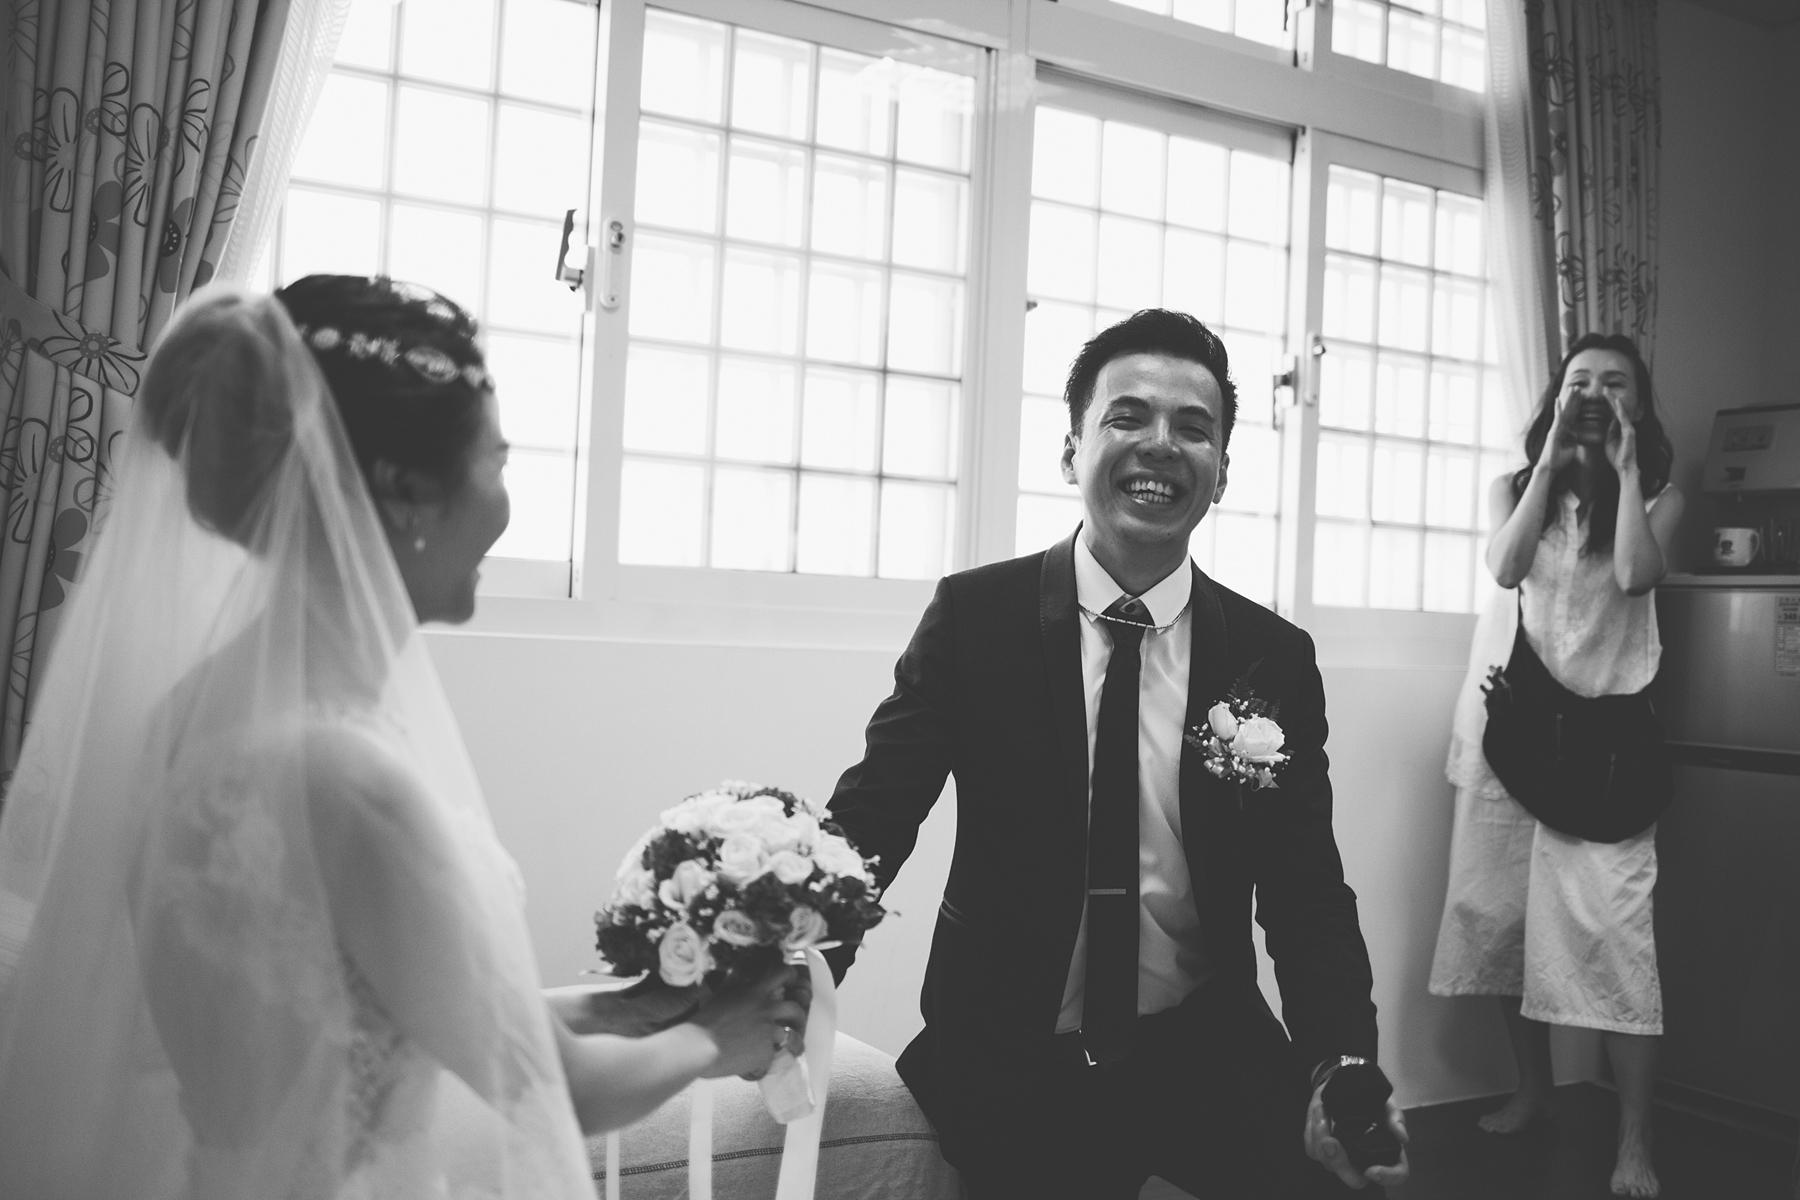 【婚禮攝影 桃園】垂豪 & 思玲 | 儷宴婚宴會館 底片風格